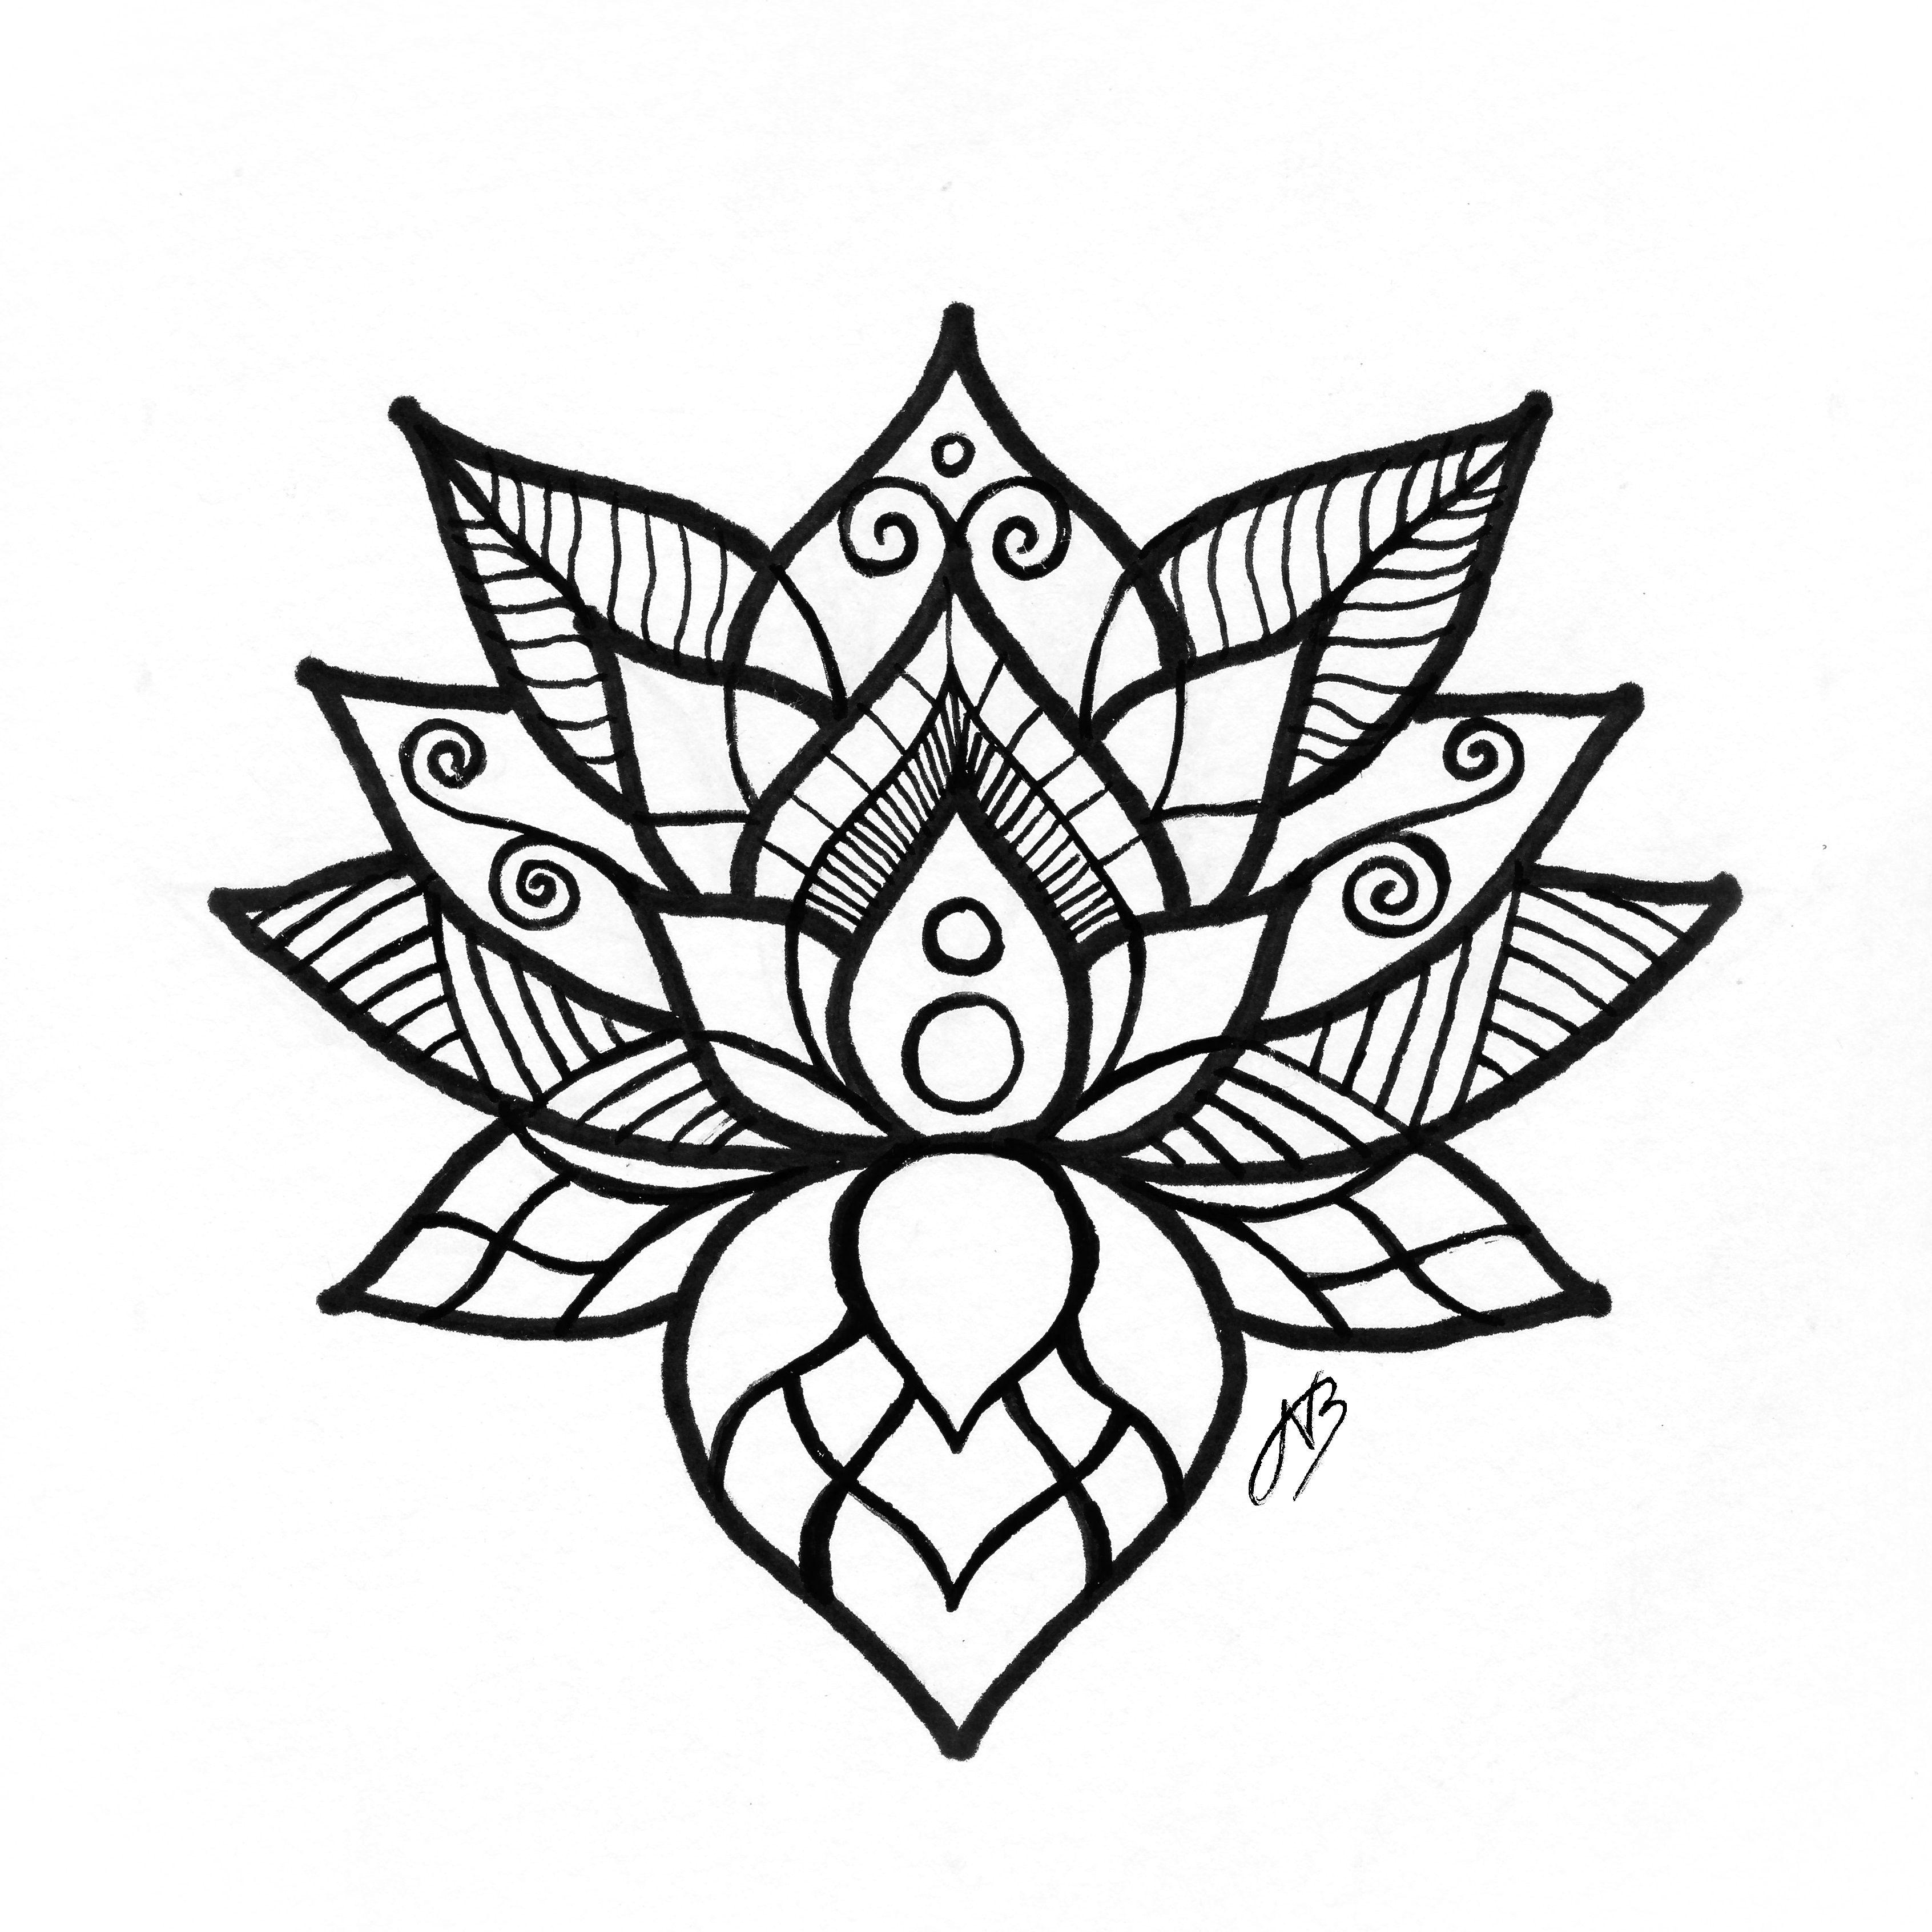 Gemütlich Mandala More Ideen - Druckbare Malvorlagen - helmymaher.com